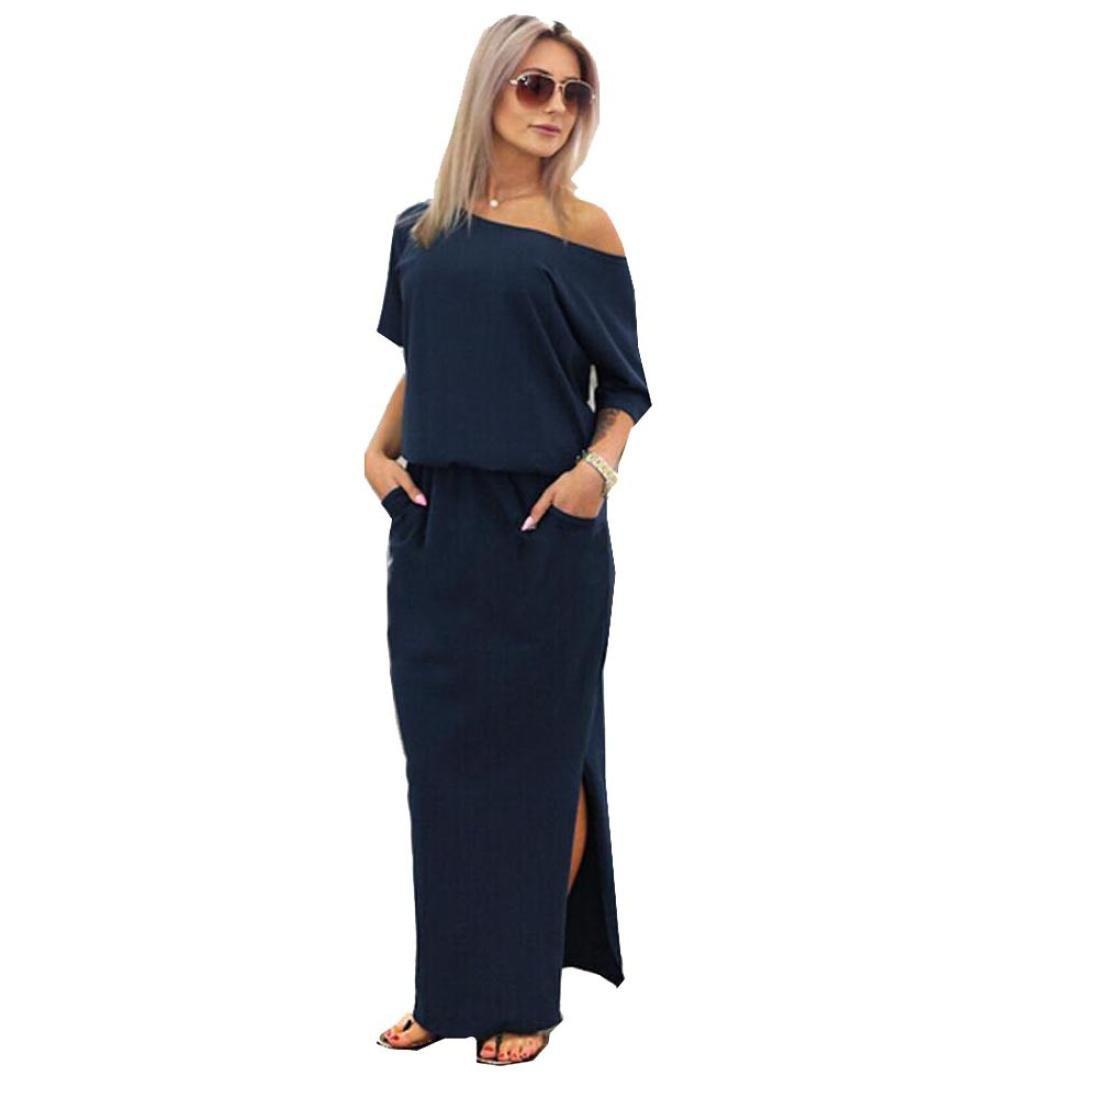 Dragon868 vestiti donna conTasca elegante lunghi larghi taglie forti xl sera estate mare regalo (Navy, S)